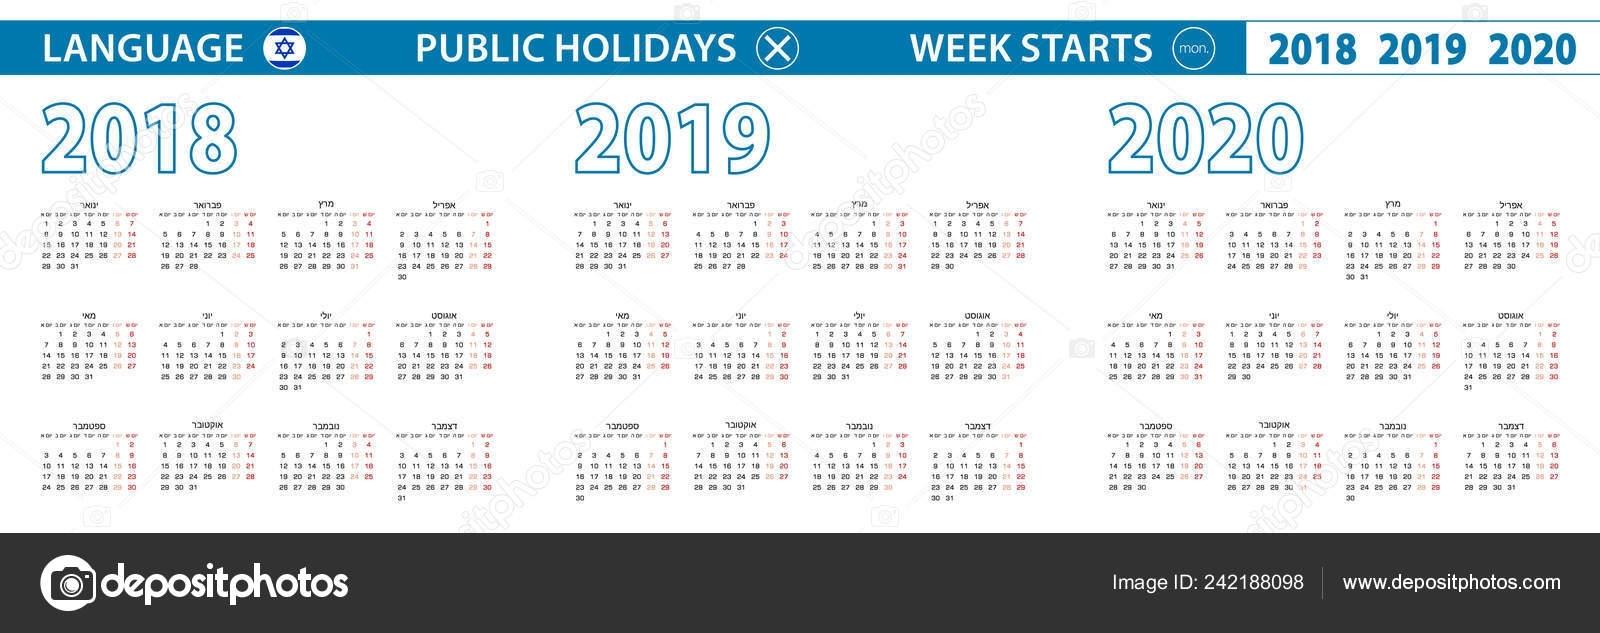 Simple Calendar Template Hebrew 2018 2019 2020 Years Week Starts intended for Hebrew Calendar 2019-2020